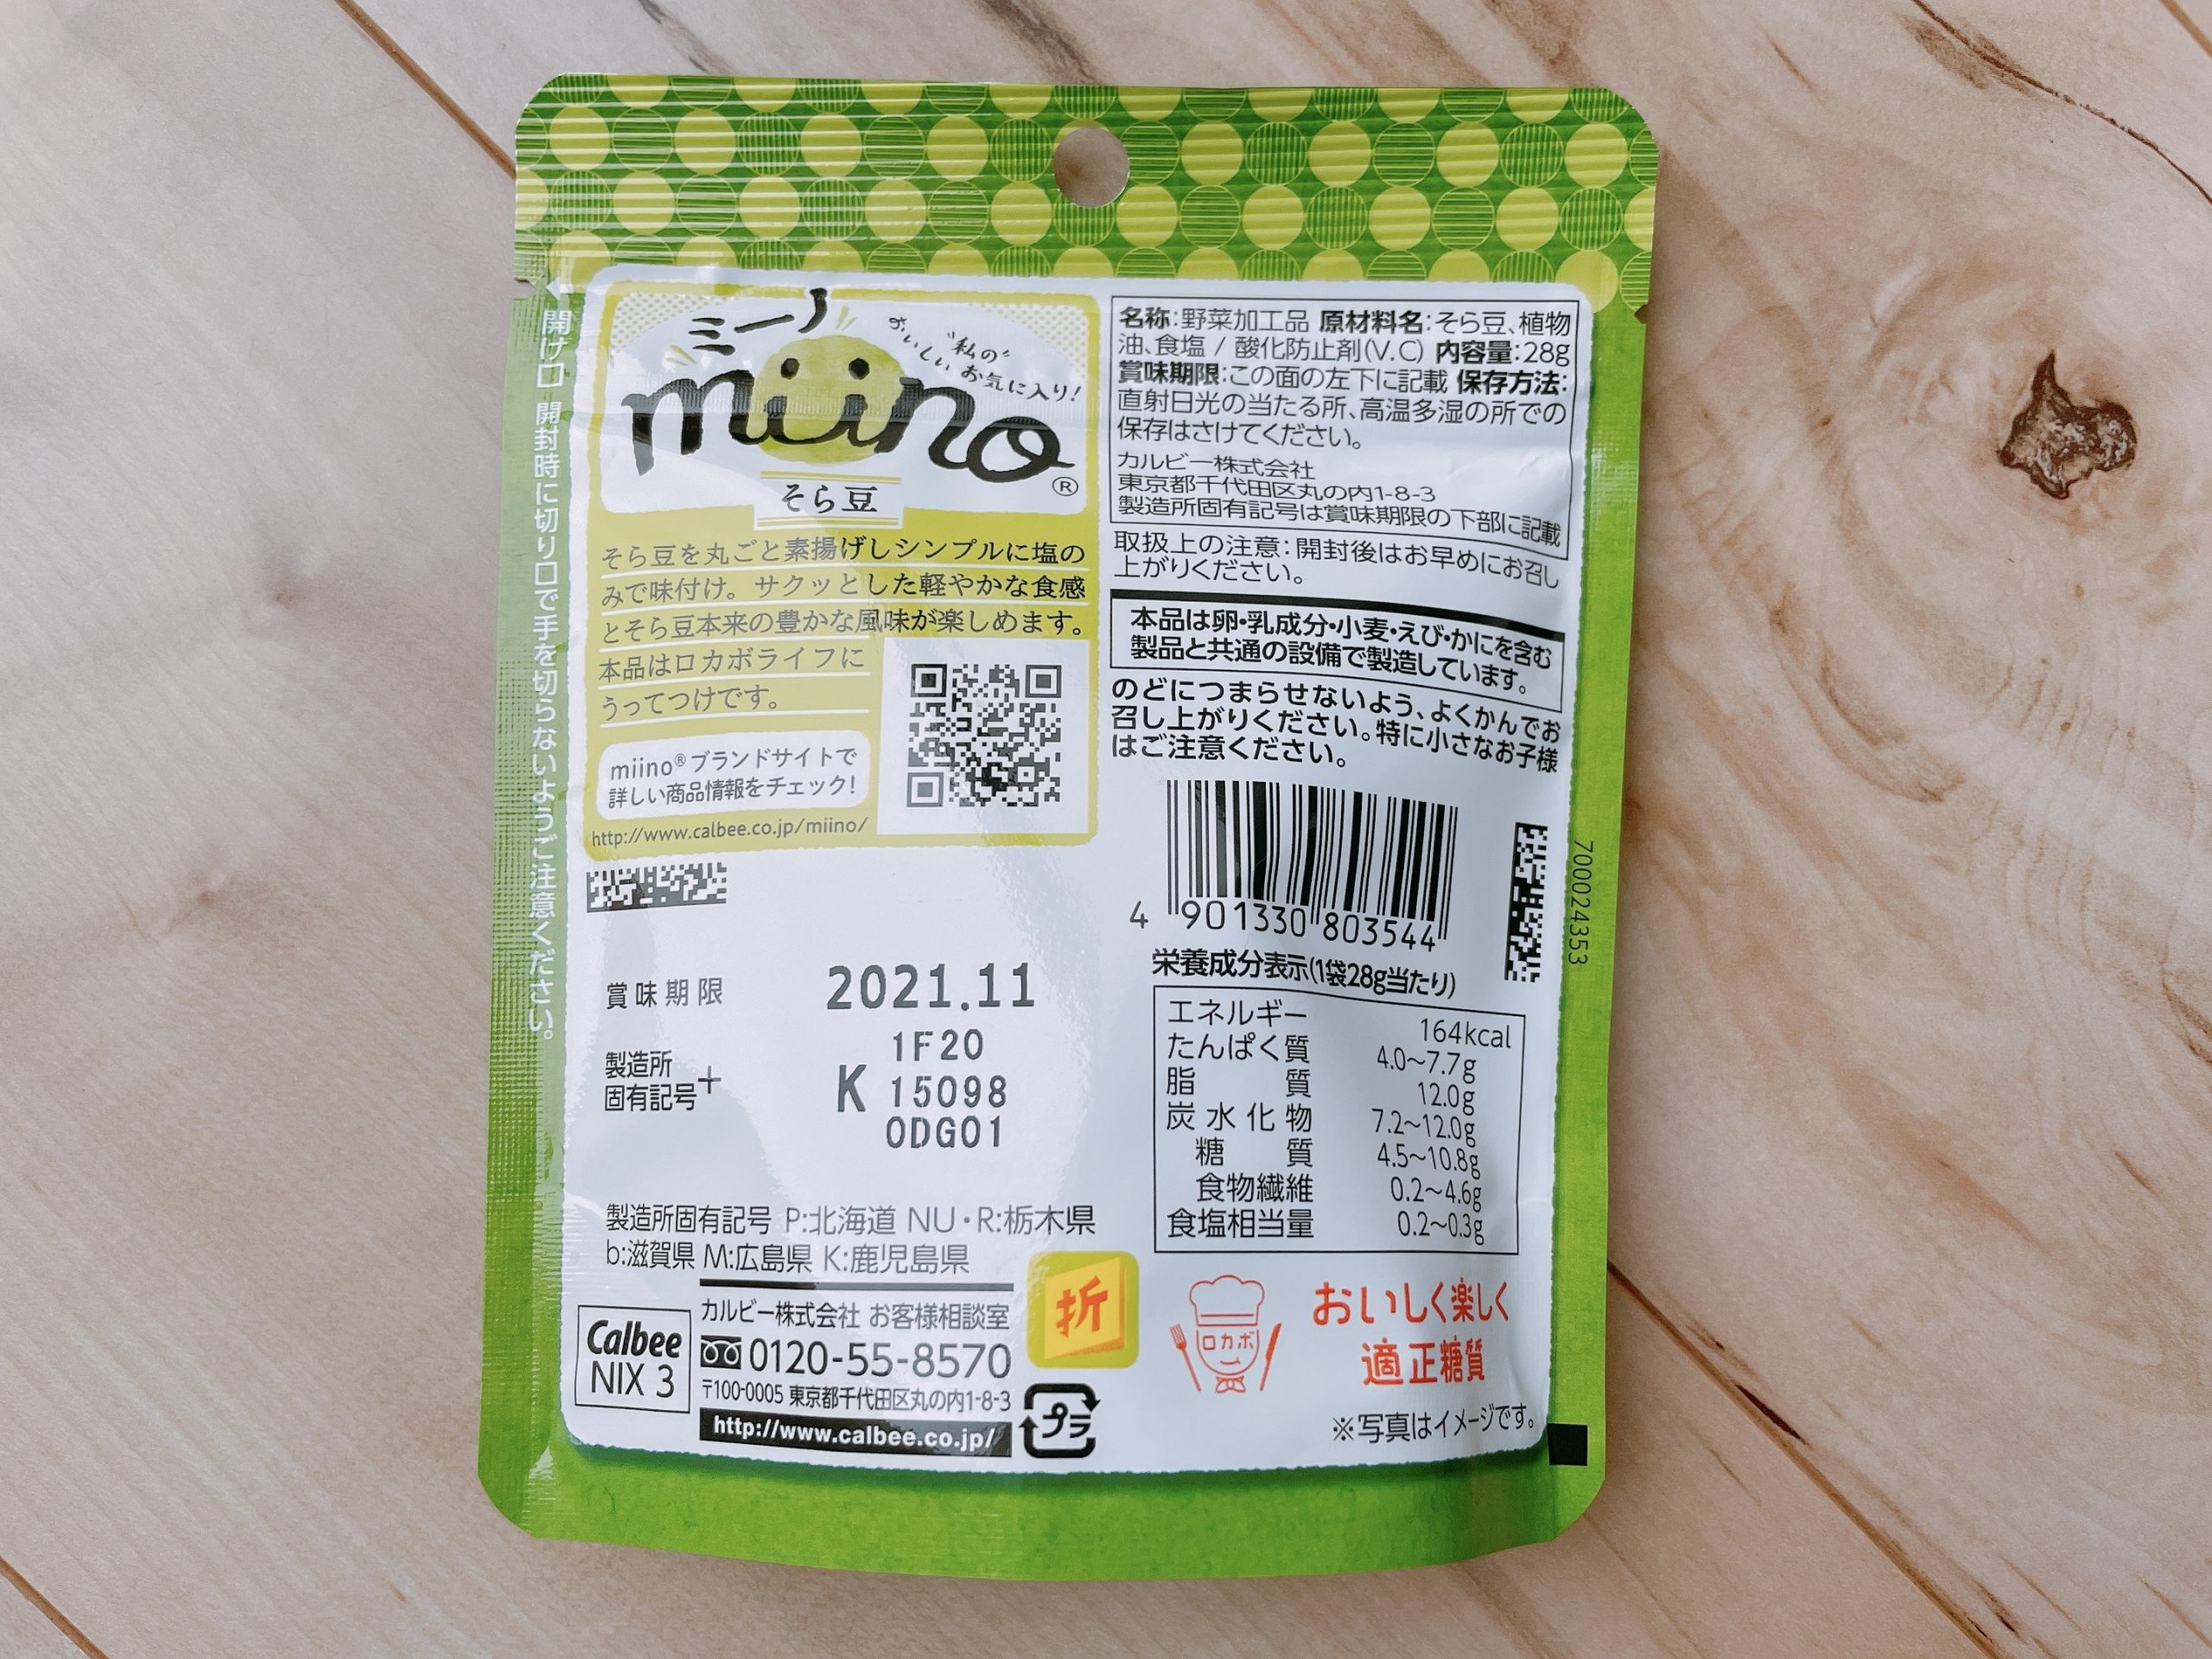 ミーノ<そら豆しお味>の原材料やカロリーなど